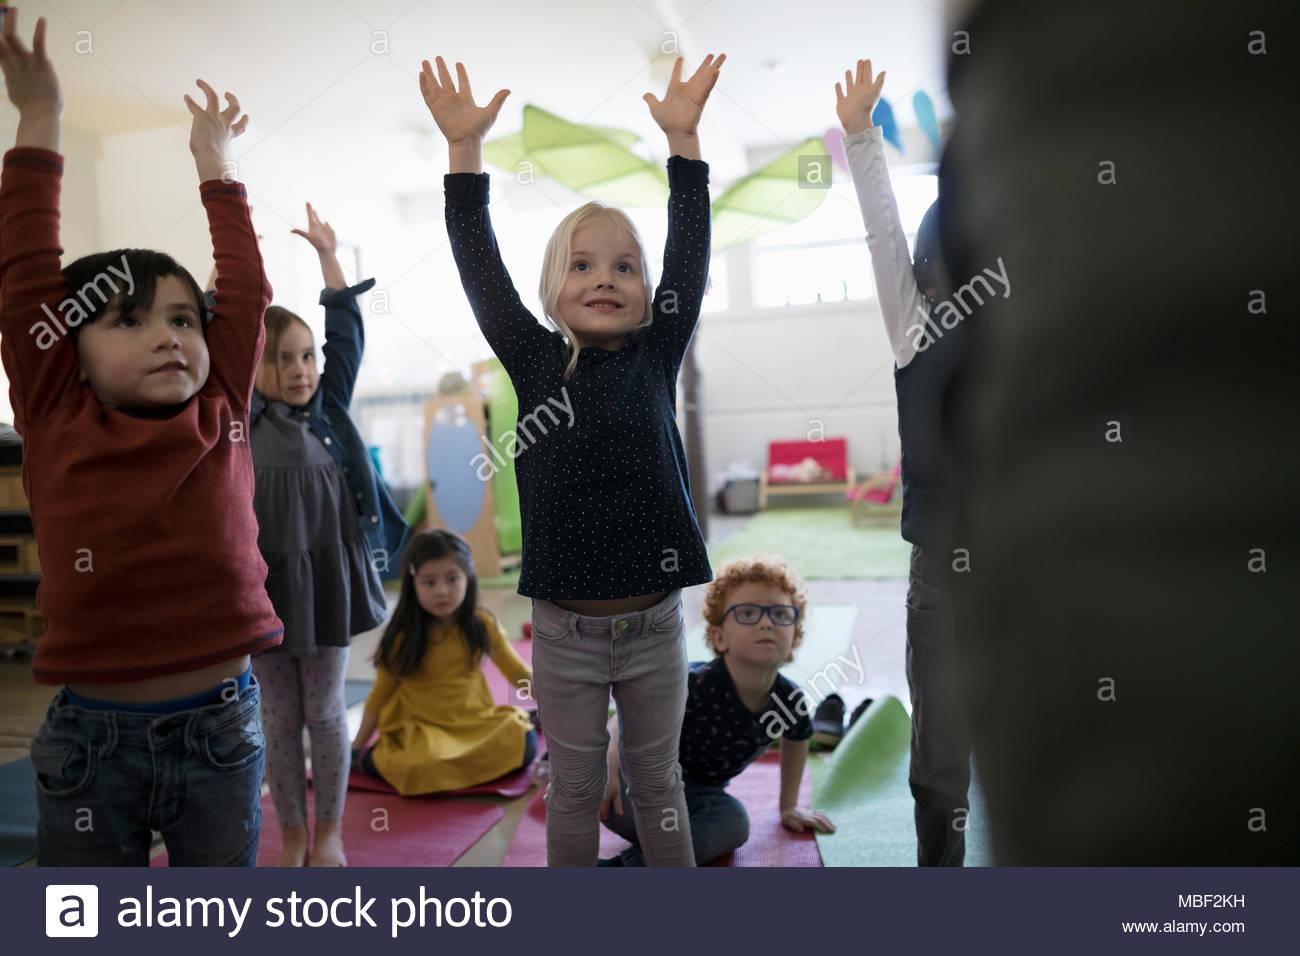 Los alumnos de preescolar practicando yoga con los brazos levantados en el aula Imagen De Stock